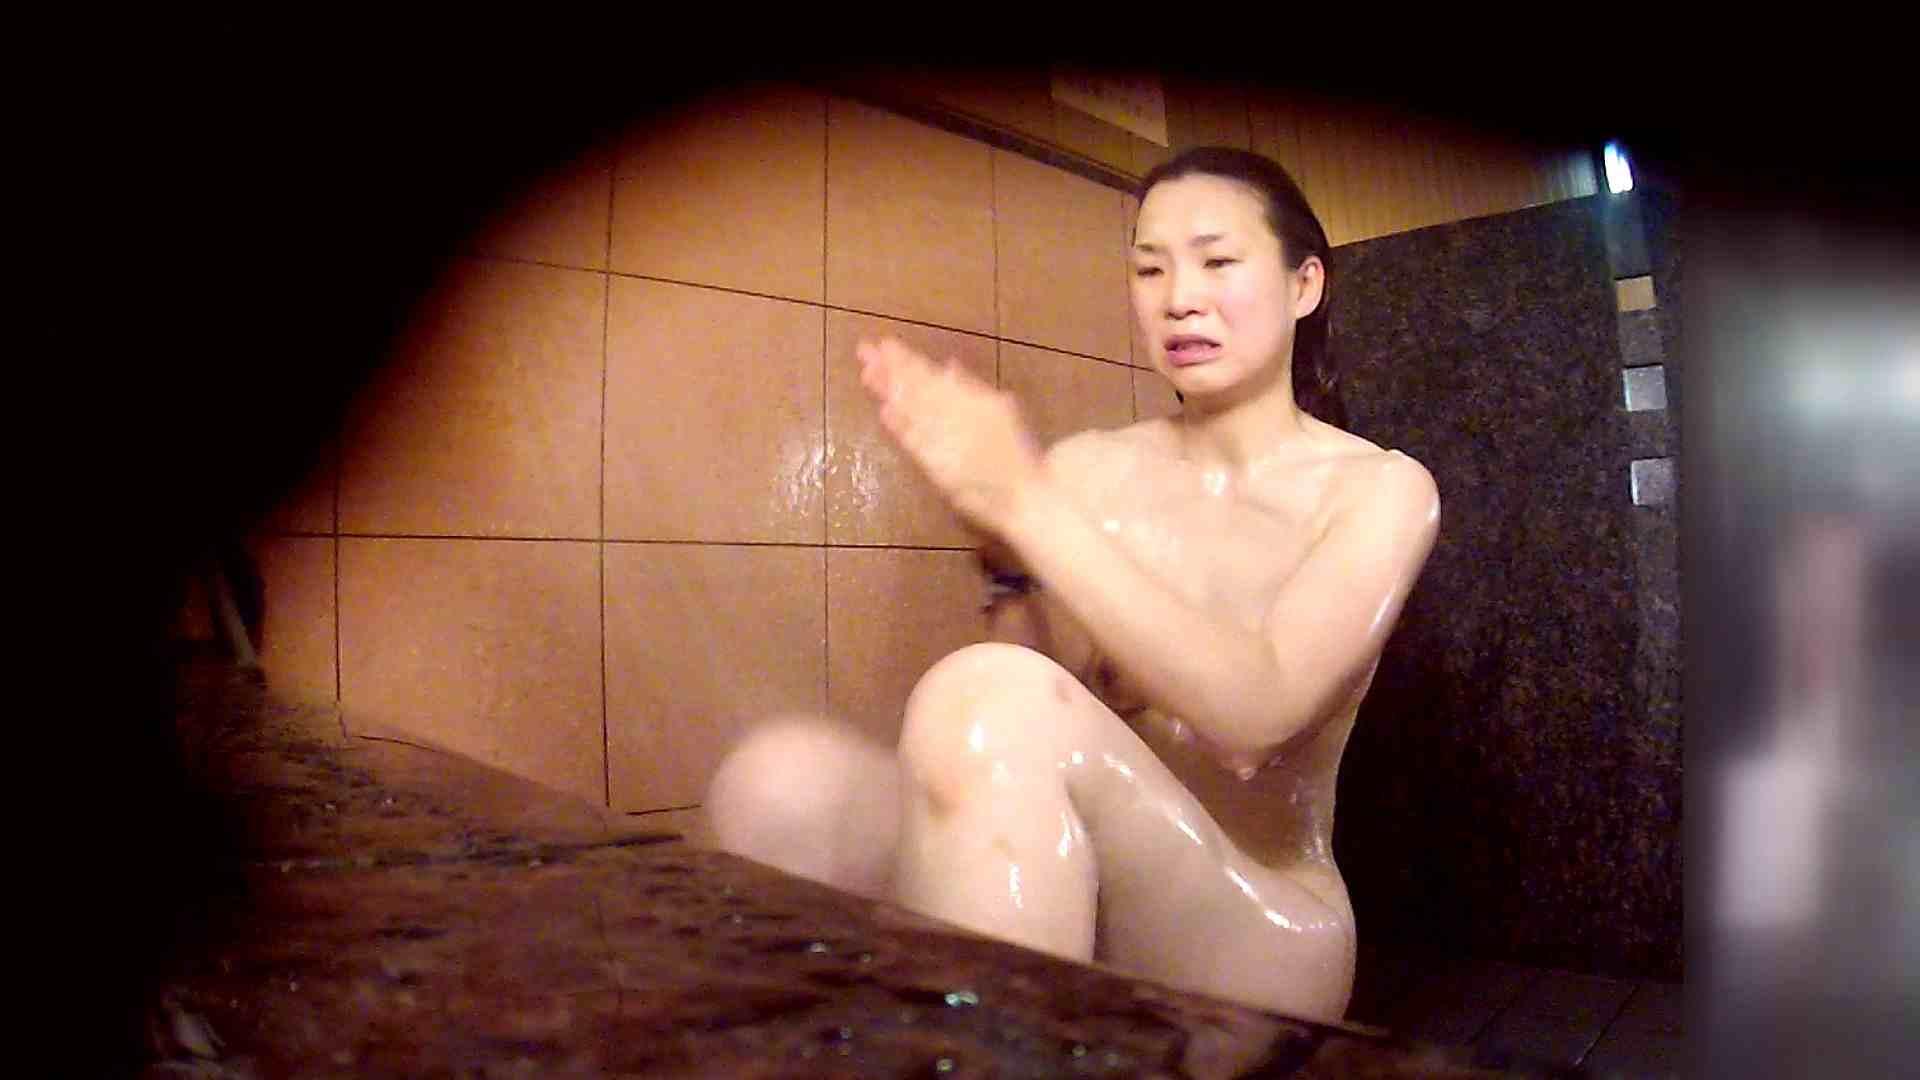 洗い場!マッスルお嬢さん!でもオッパイだけは柔らかそうです。 巨乳 | むっちり  108画像 77